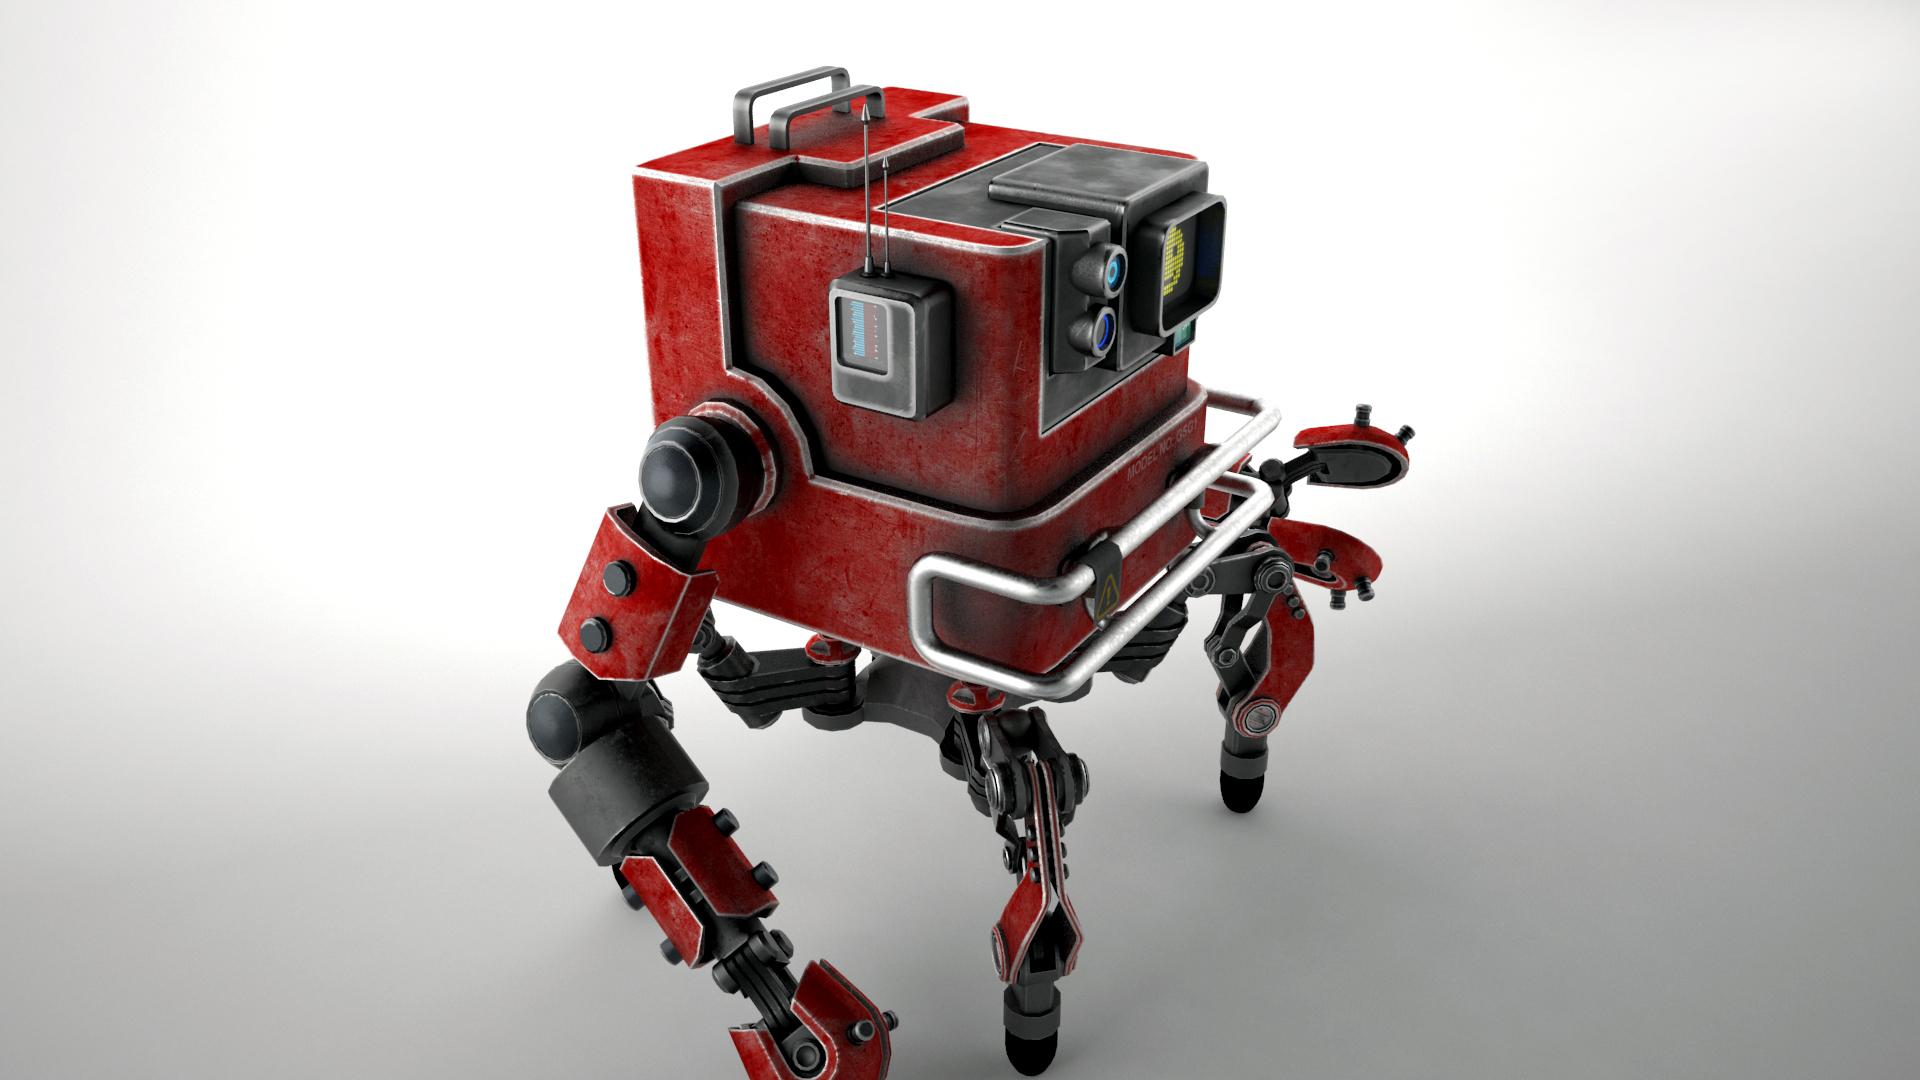 robot gsg1 3d model 3ds max fbx obj 267412